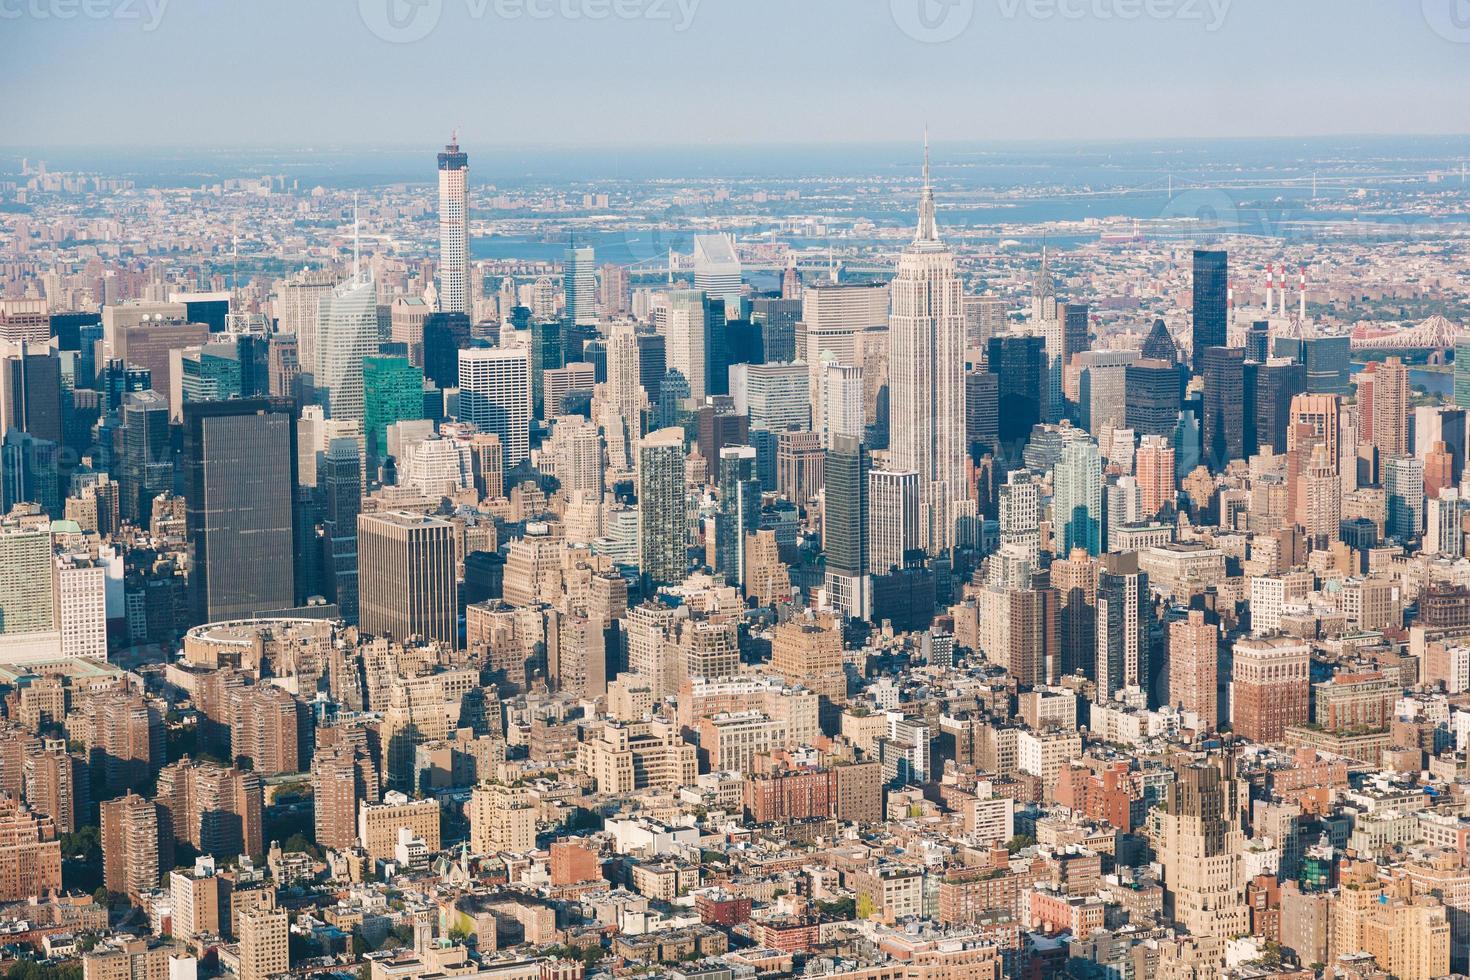 Vue aérienne de New York depuis l'hélicoptère, le paysage urbain et les gratte-ciel photo